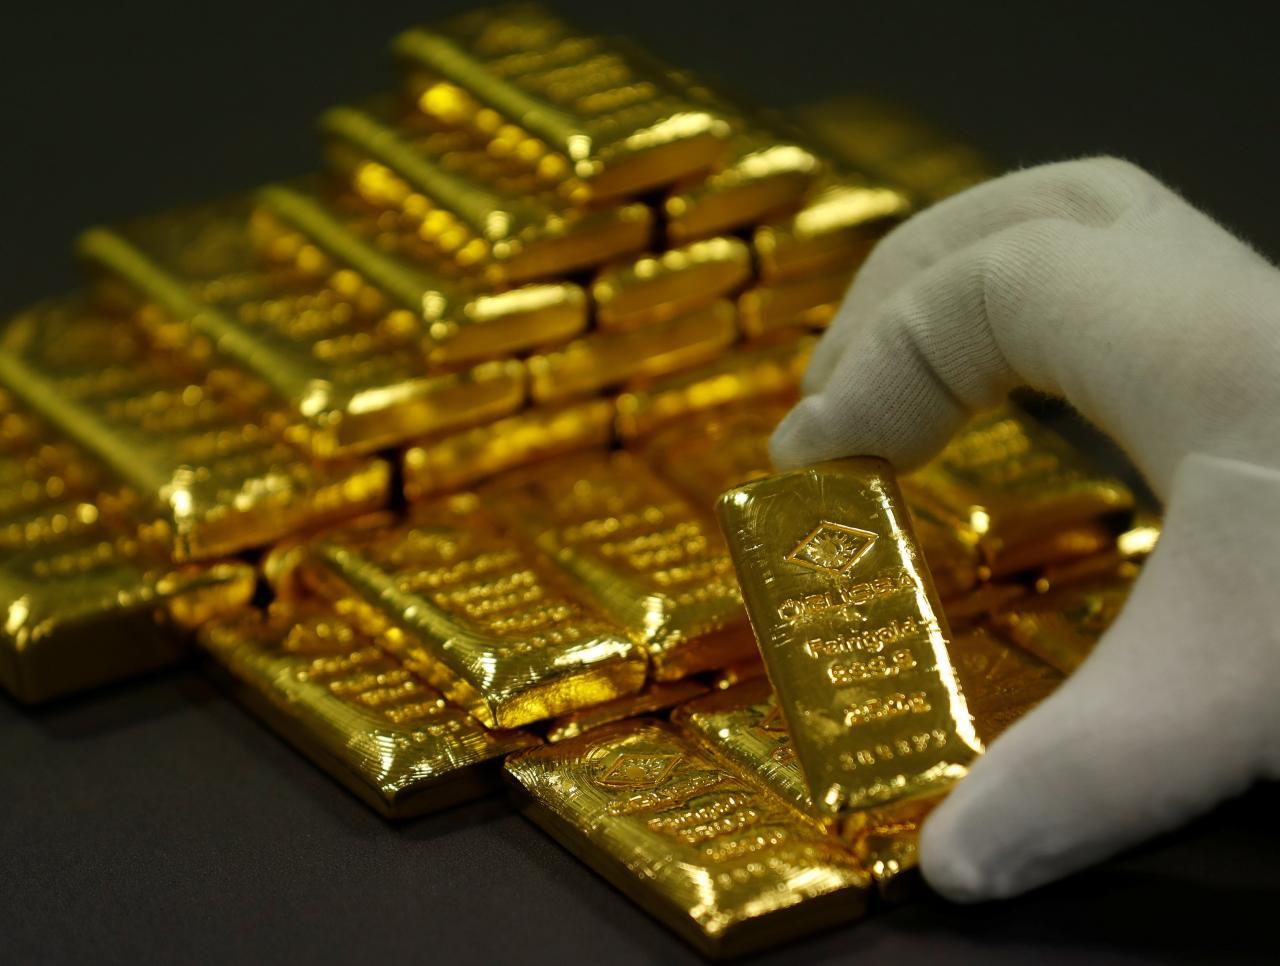 أسعار الذهب تستقر في ظل ارتفاع الدولار